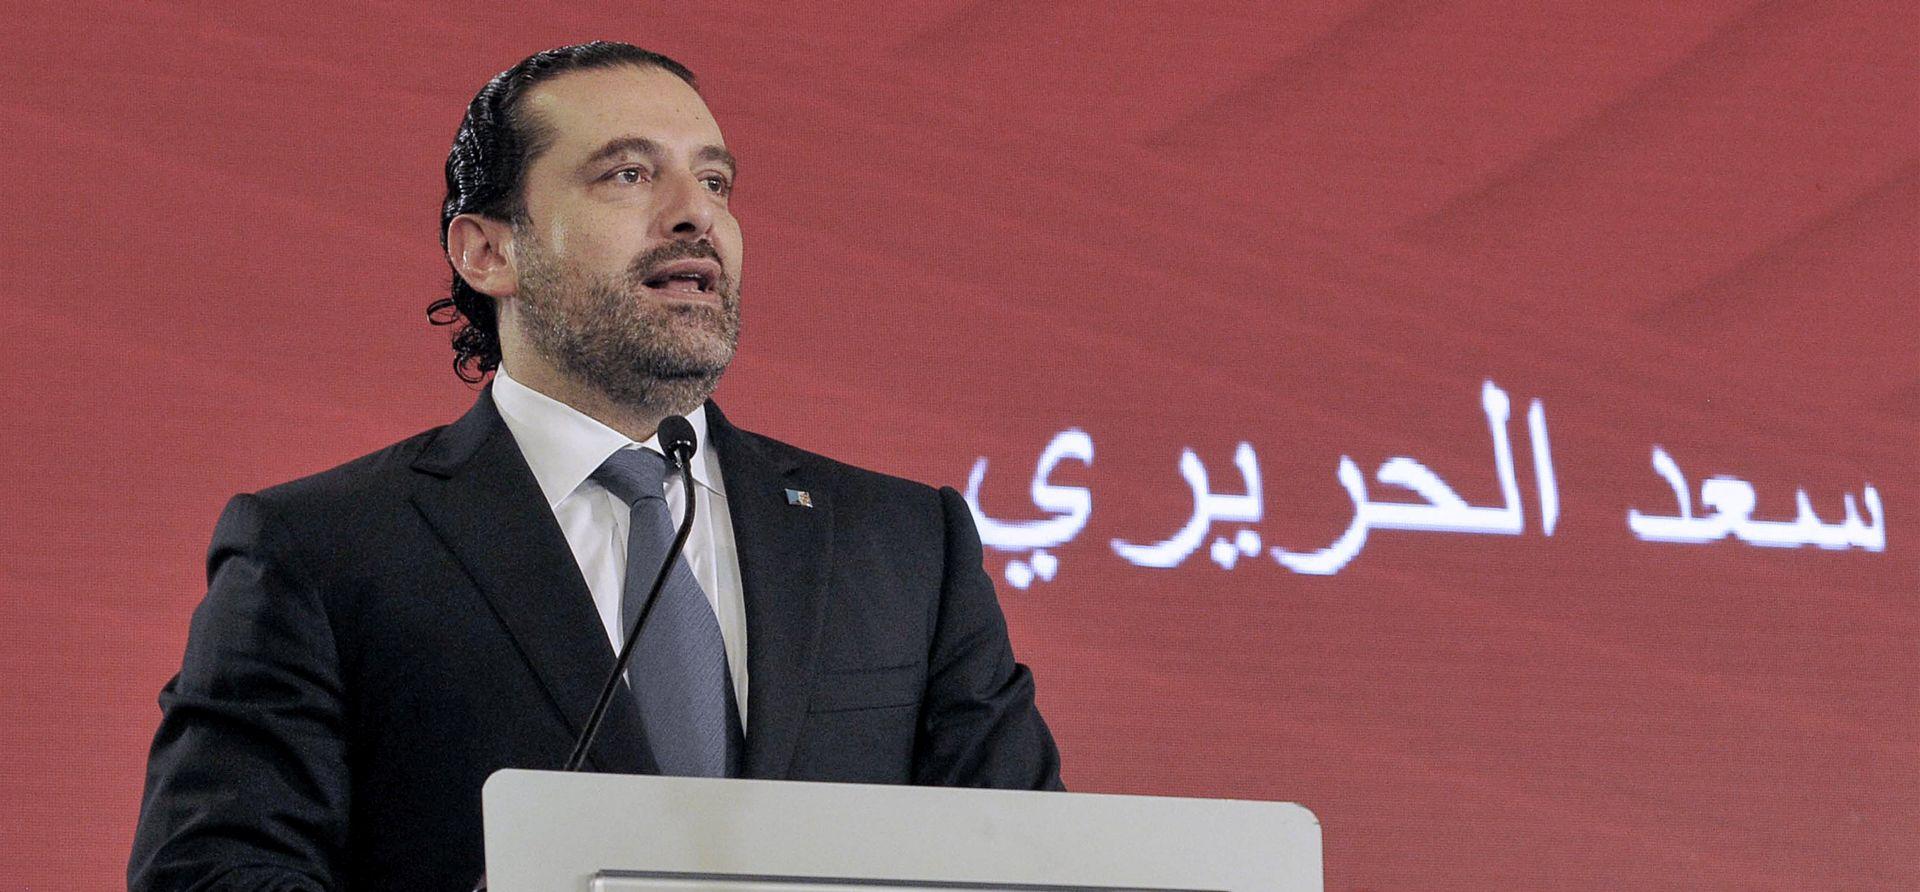 Hariri podnio ostavku pošto su prosvjedi prerasli u nasilje